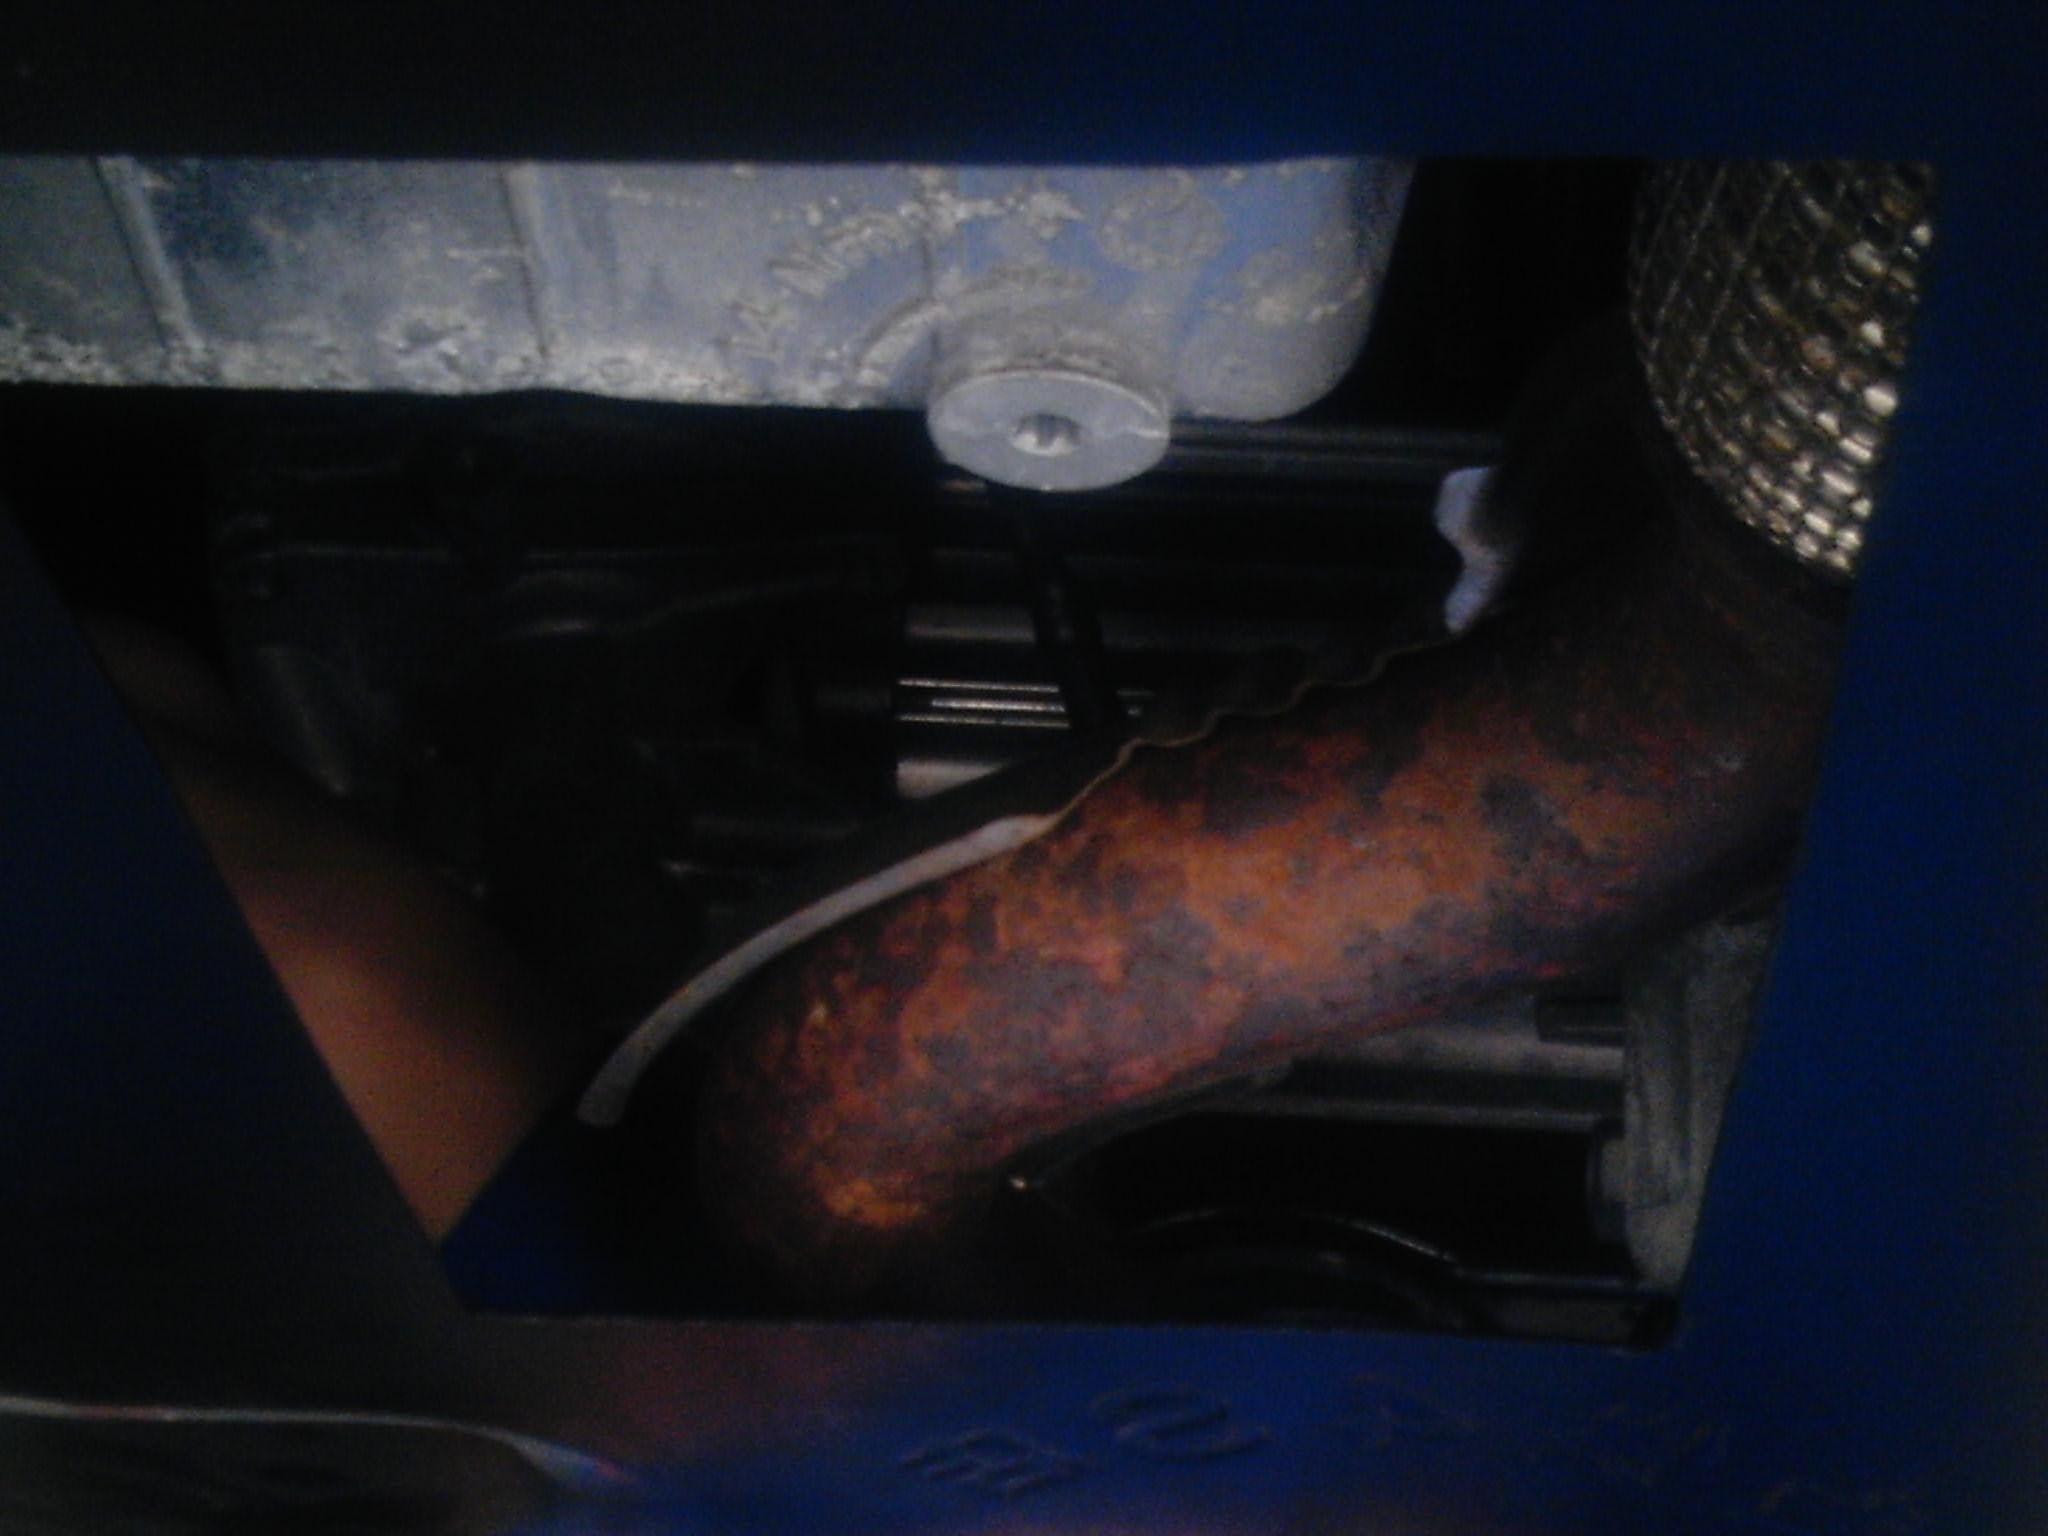 雪佛兰科鲁兹底部排气管和支架大面积的生锈厉害